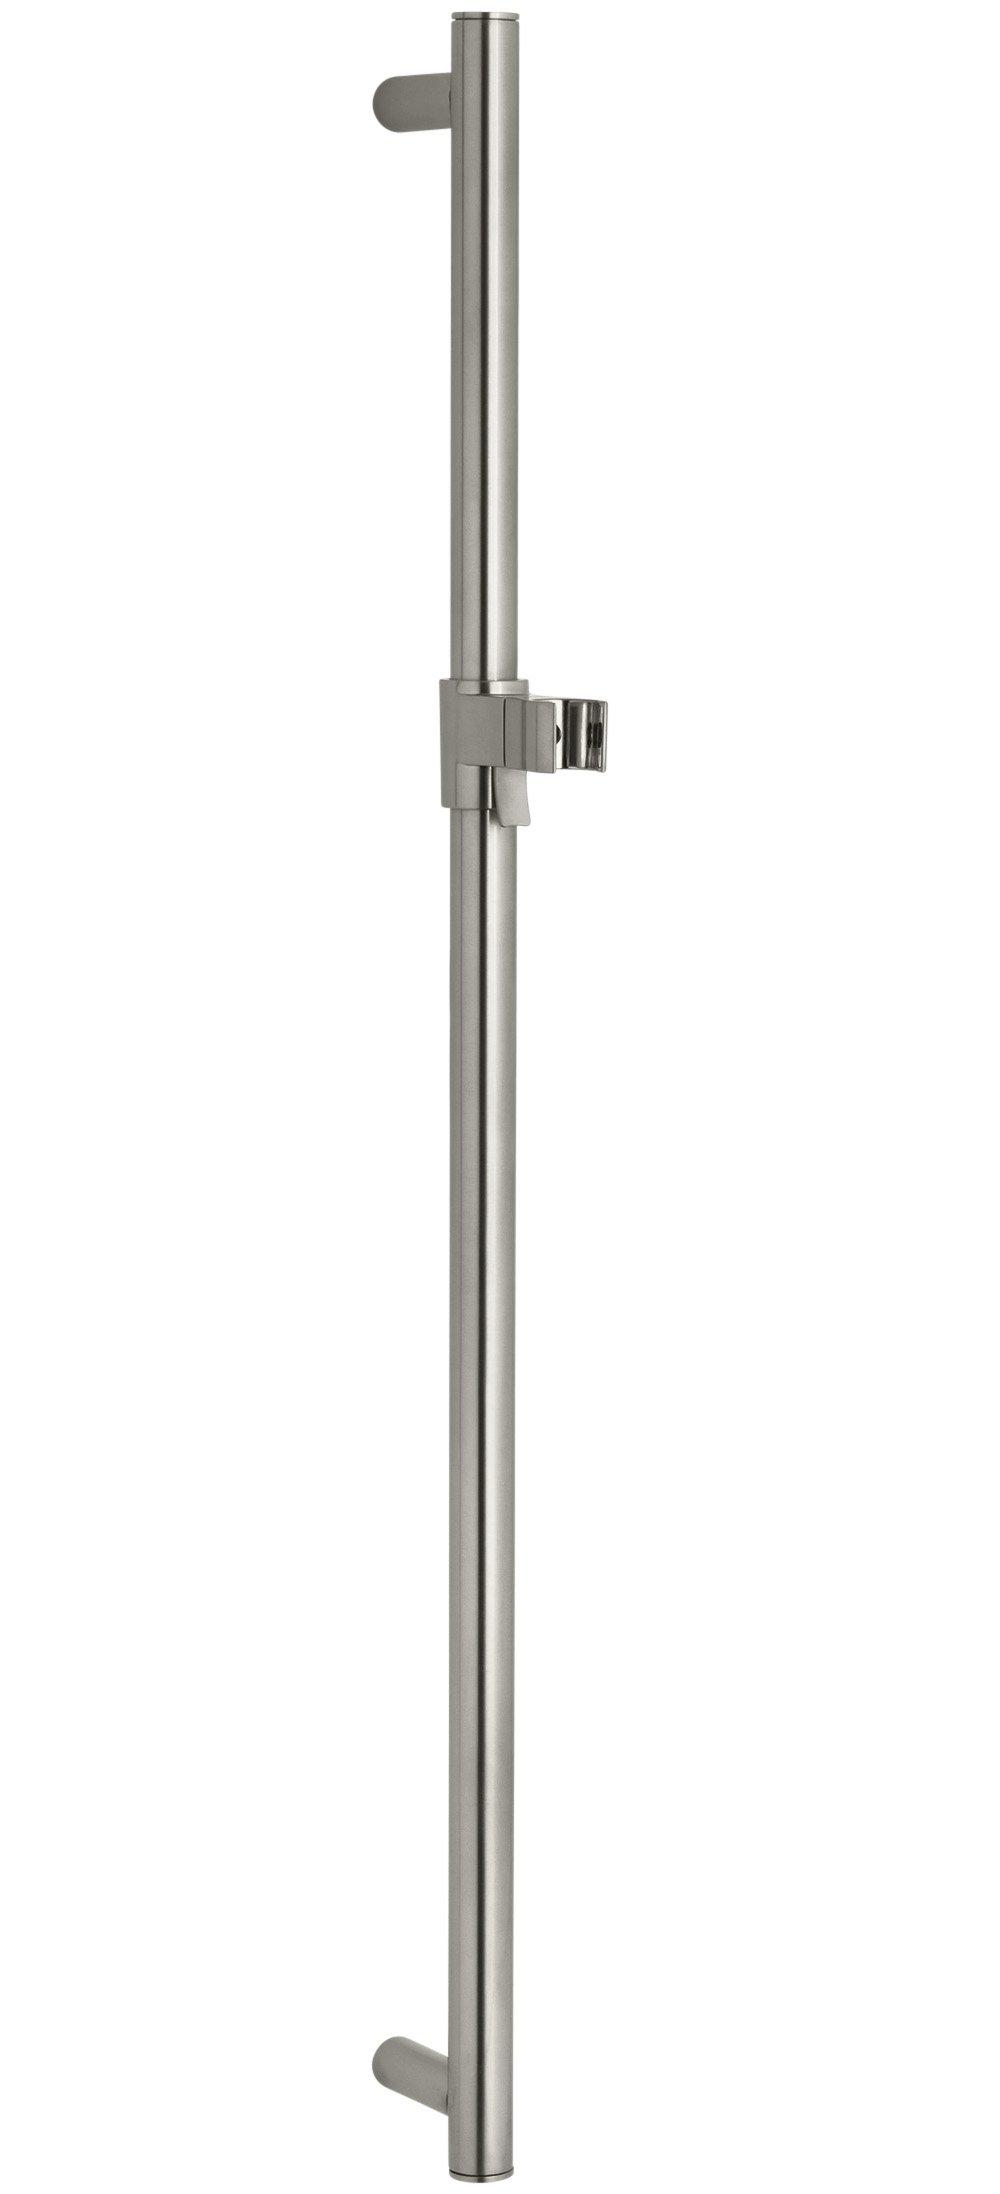 KOHLER K-8524-BN 30-Inch Slide Bar, Vibrant Brushed Nickel